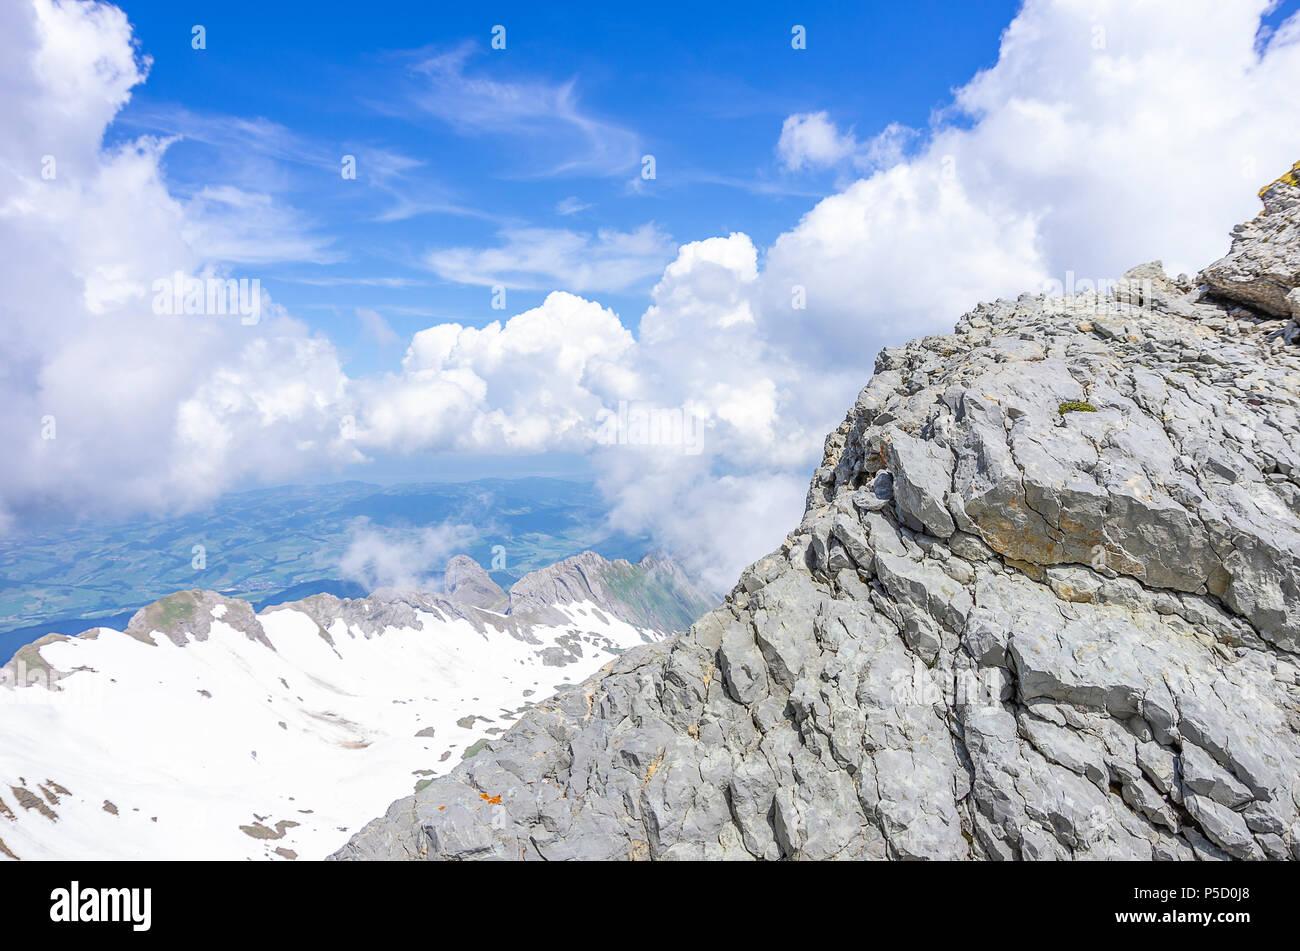 Auf dem Gipfel des Säntis, Appenzell Alpen, Schweiz - Blick auf die umliegende Landschaft. Stockfoto